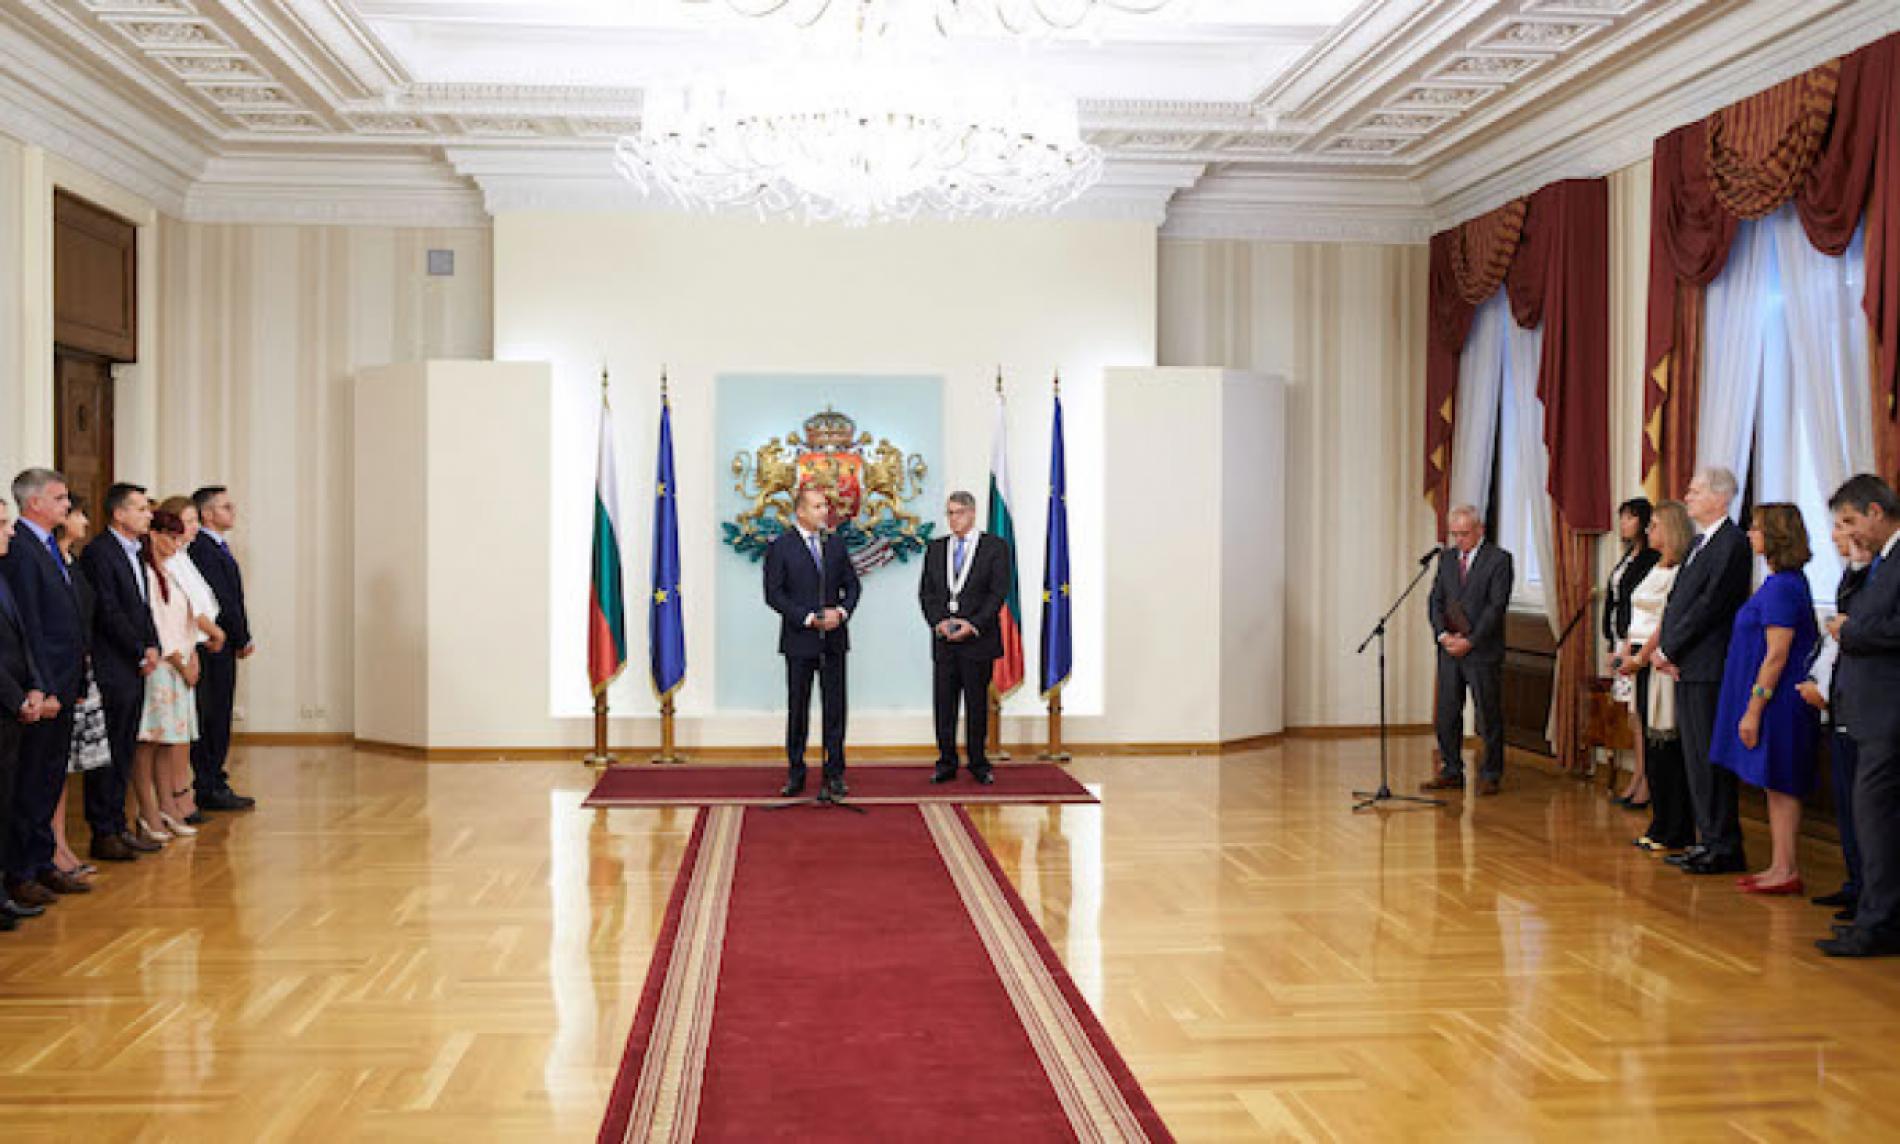 Президентът връчи на гръцкия посланик орден от първа степен